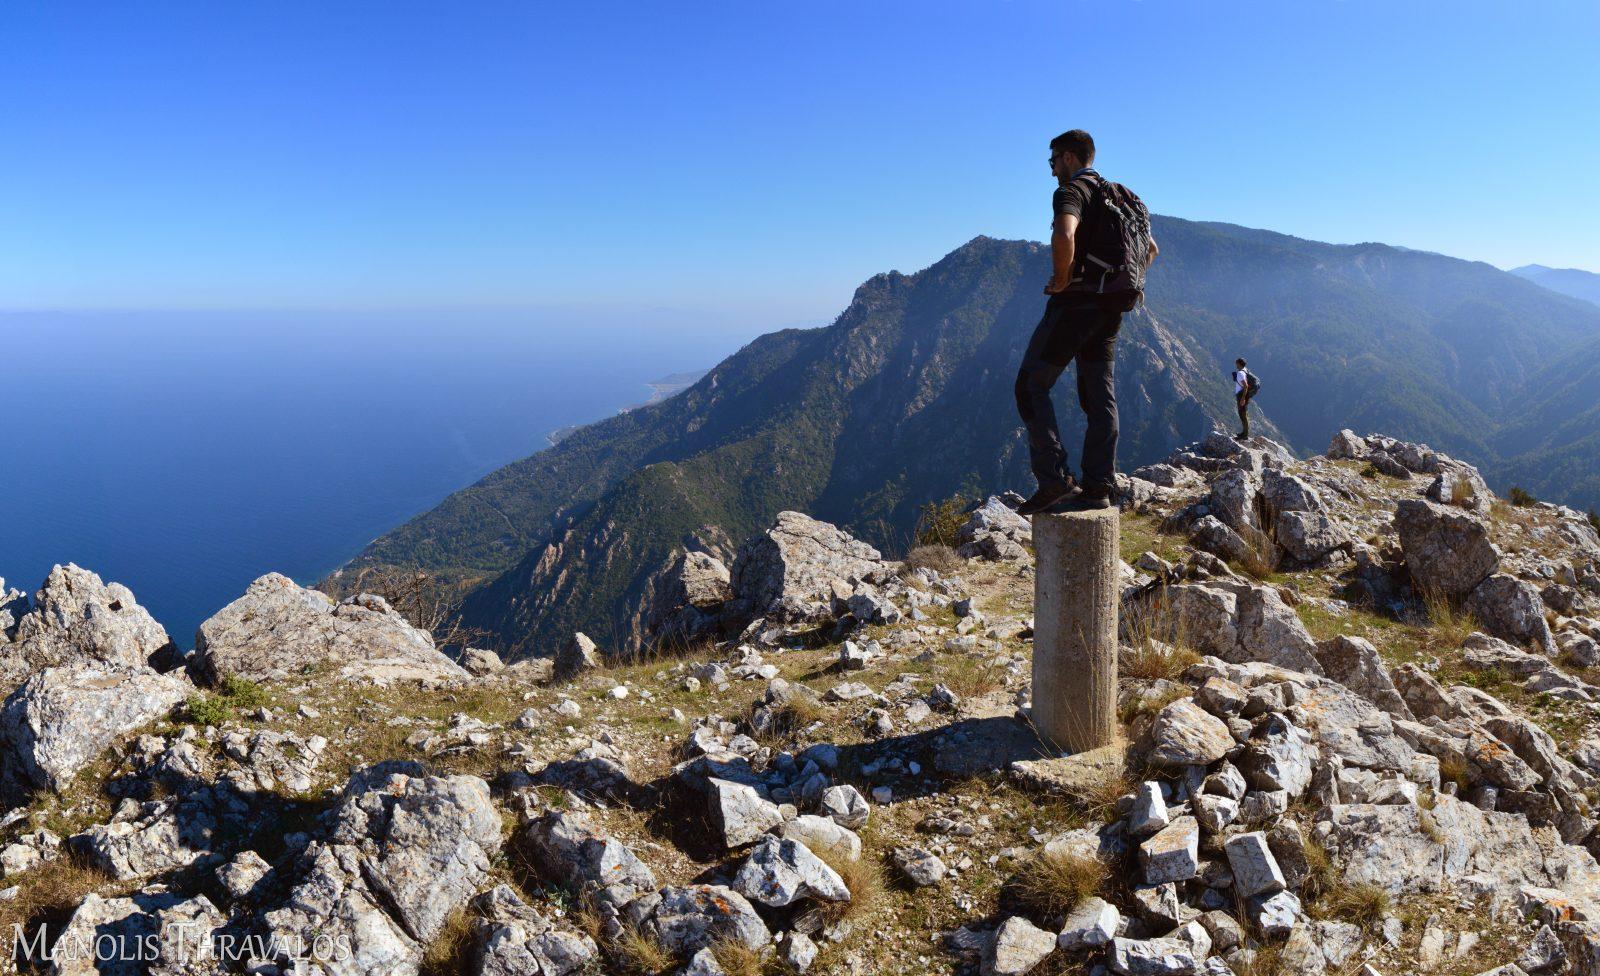 Ψηλότερα και από το υψομετρικό σημείο στην κορυφή